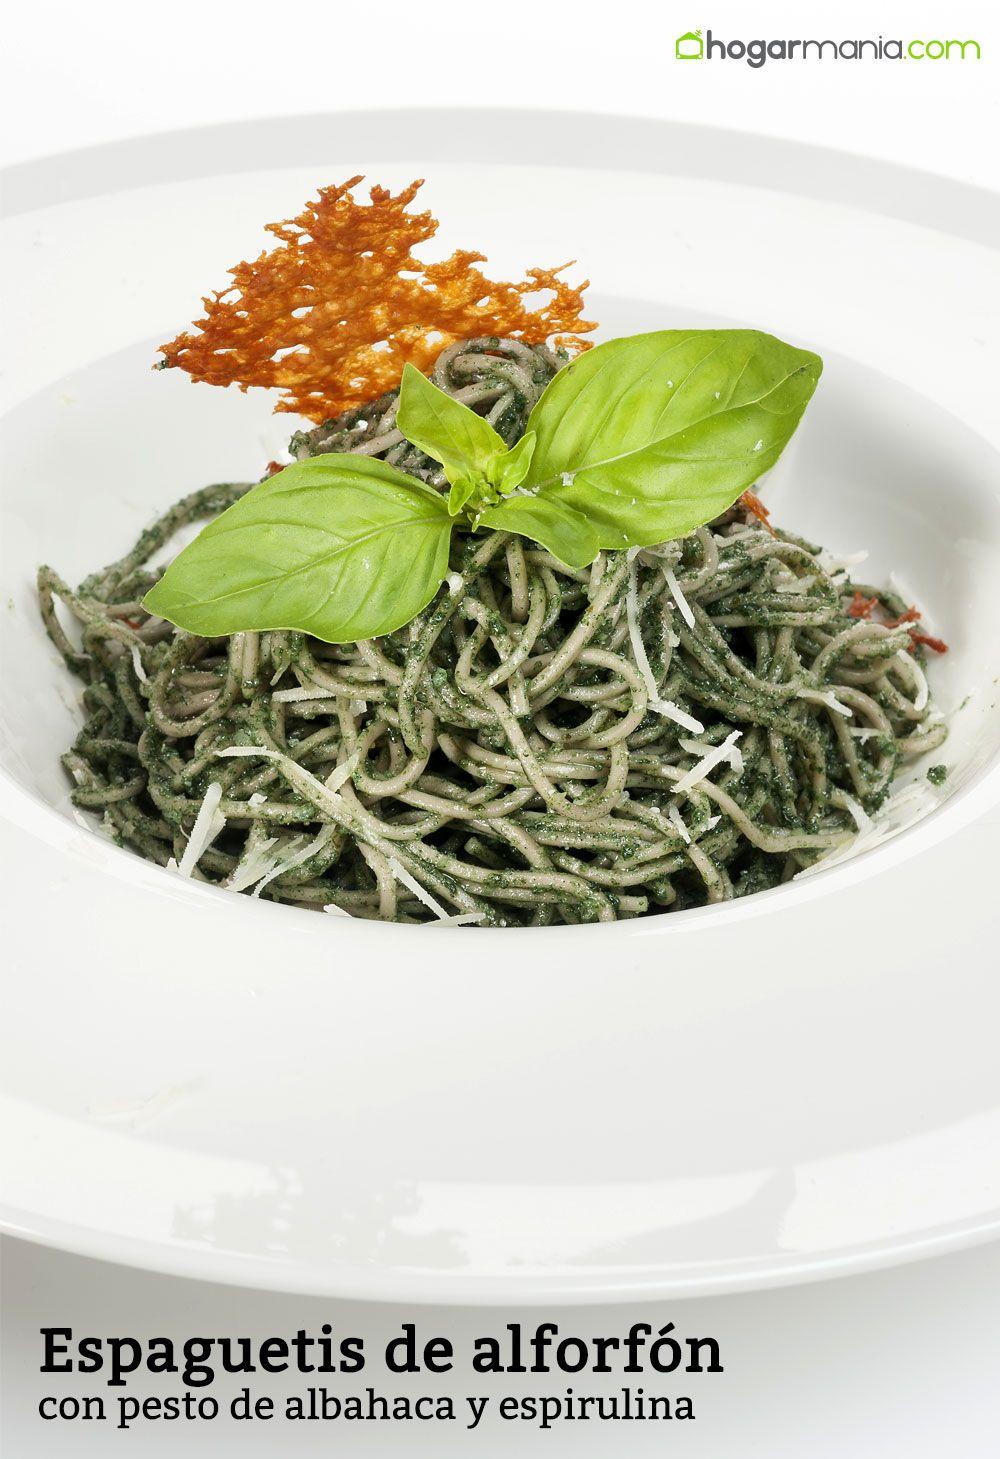 Espaguetis de alforfón con pesto de albahaca y espirulina